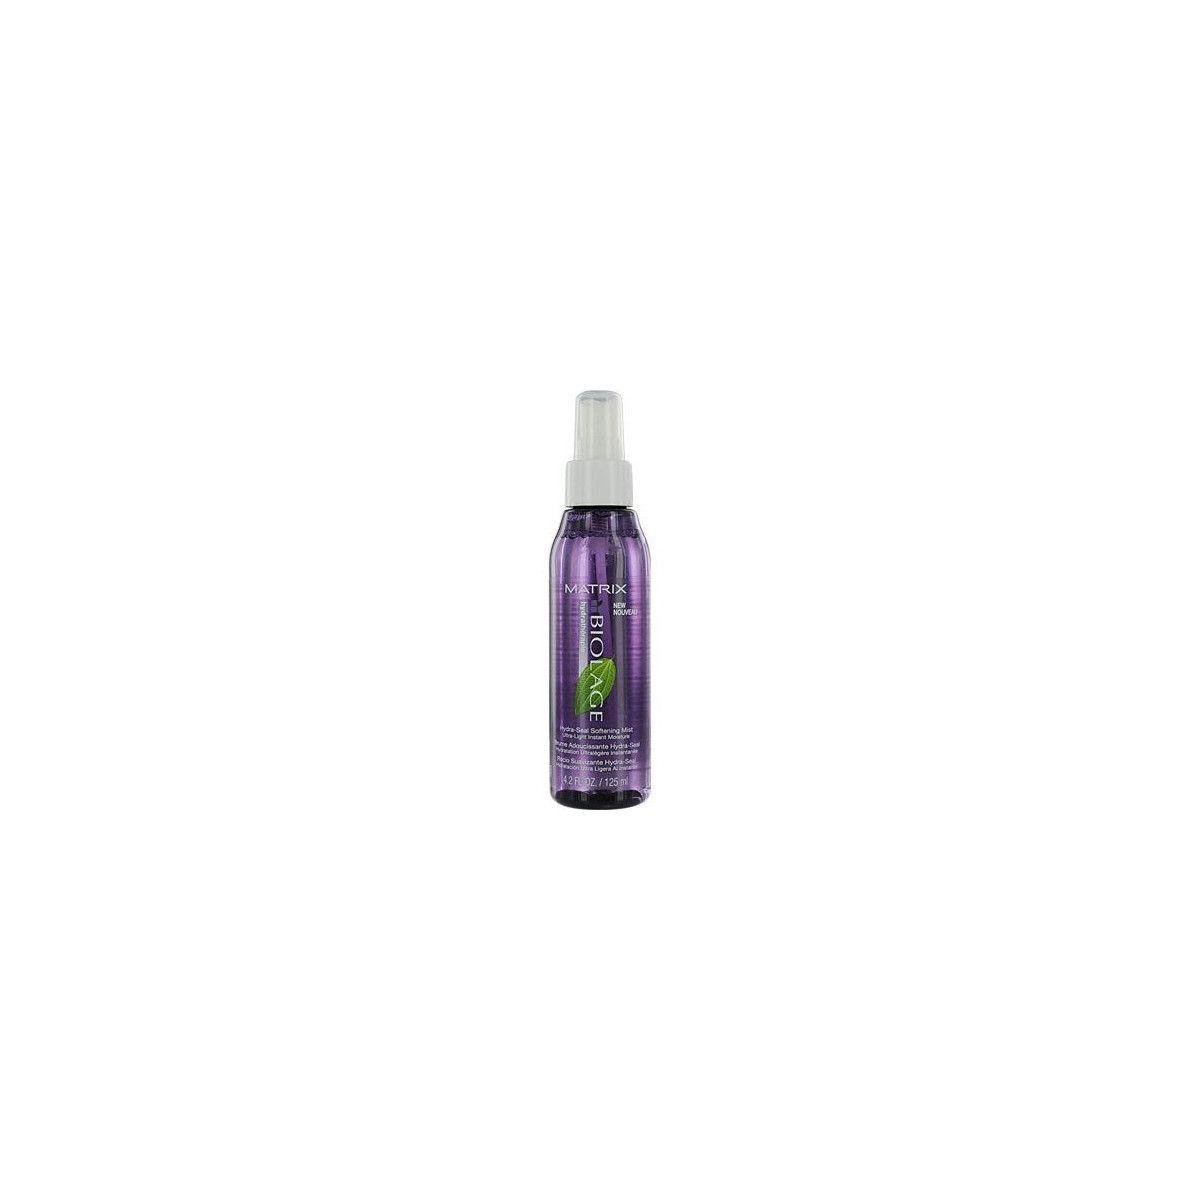 Matrix Biolage Hydrasource Seal Spray 125ml